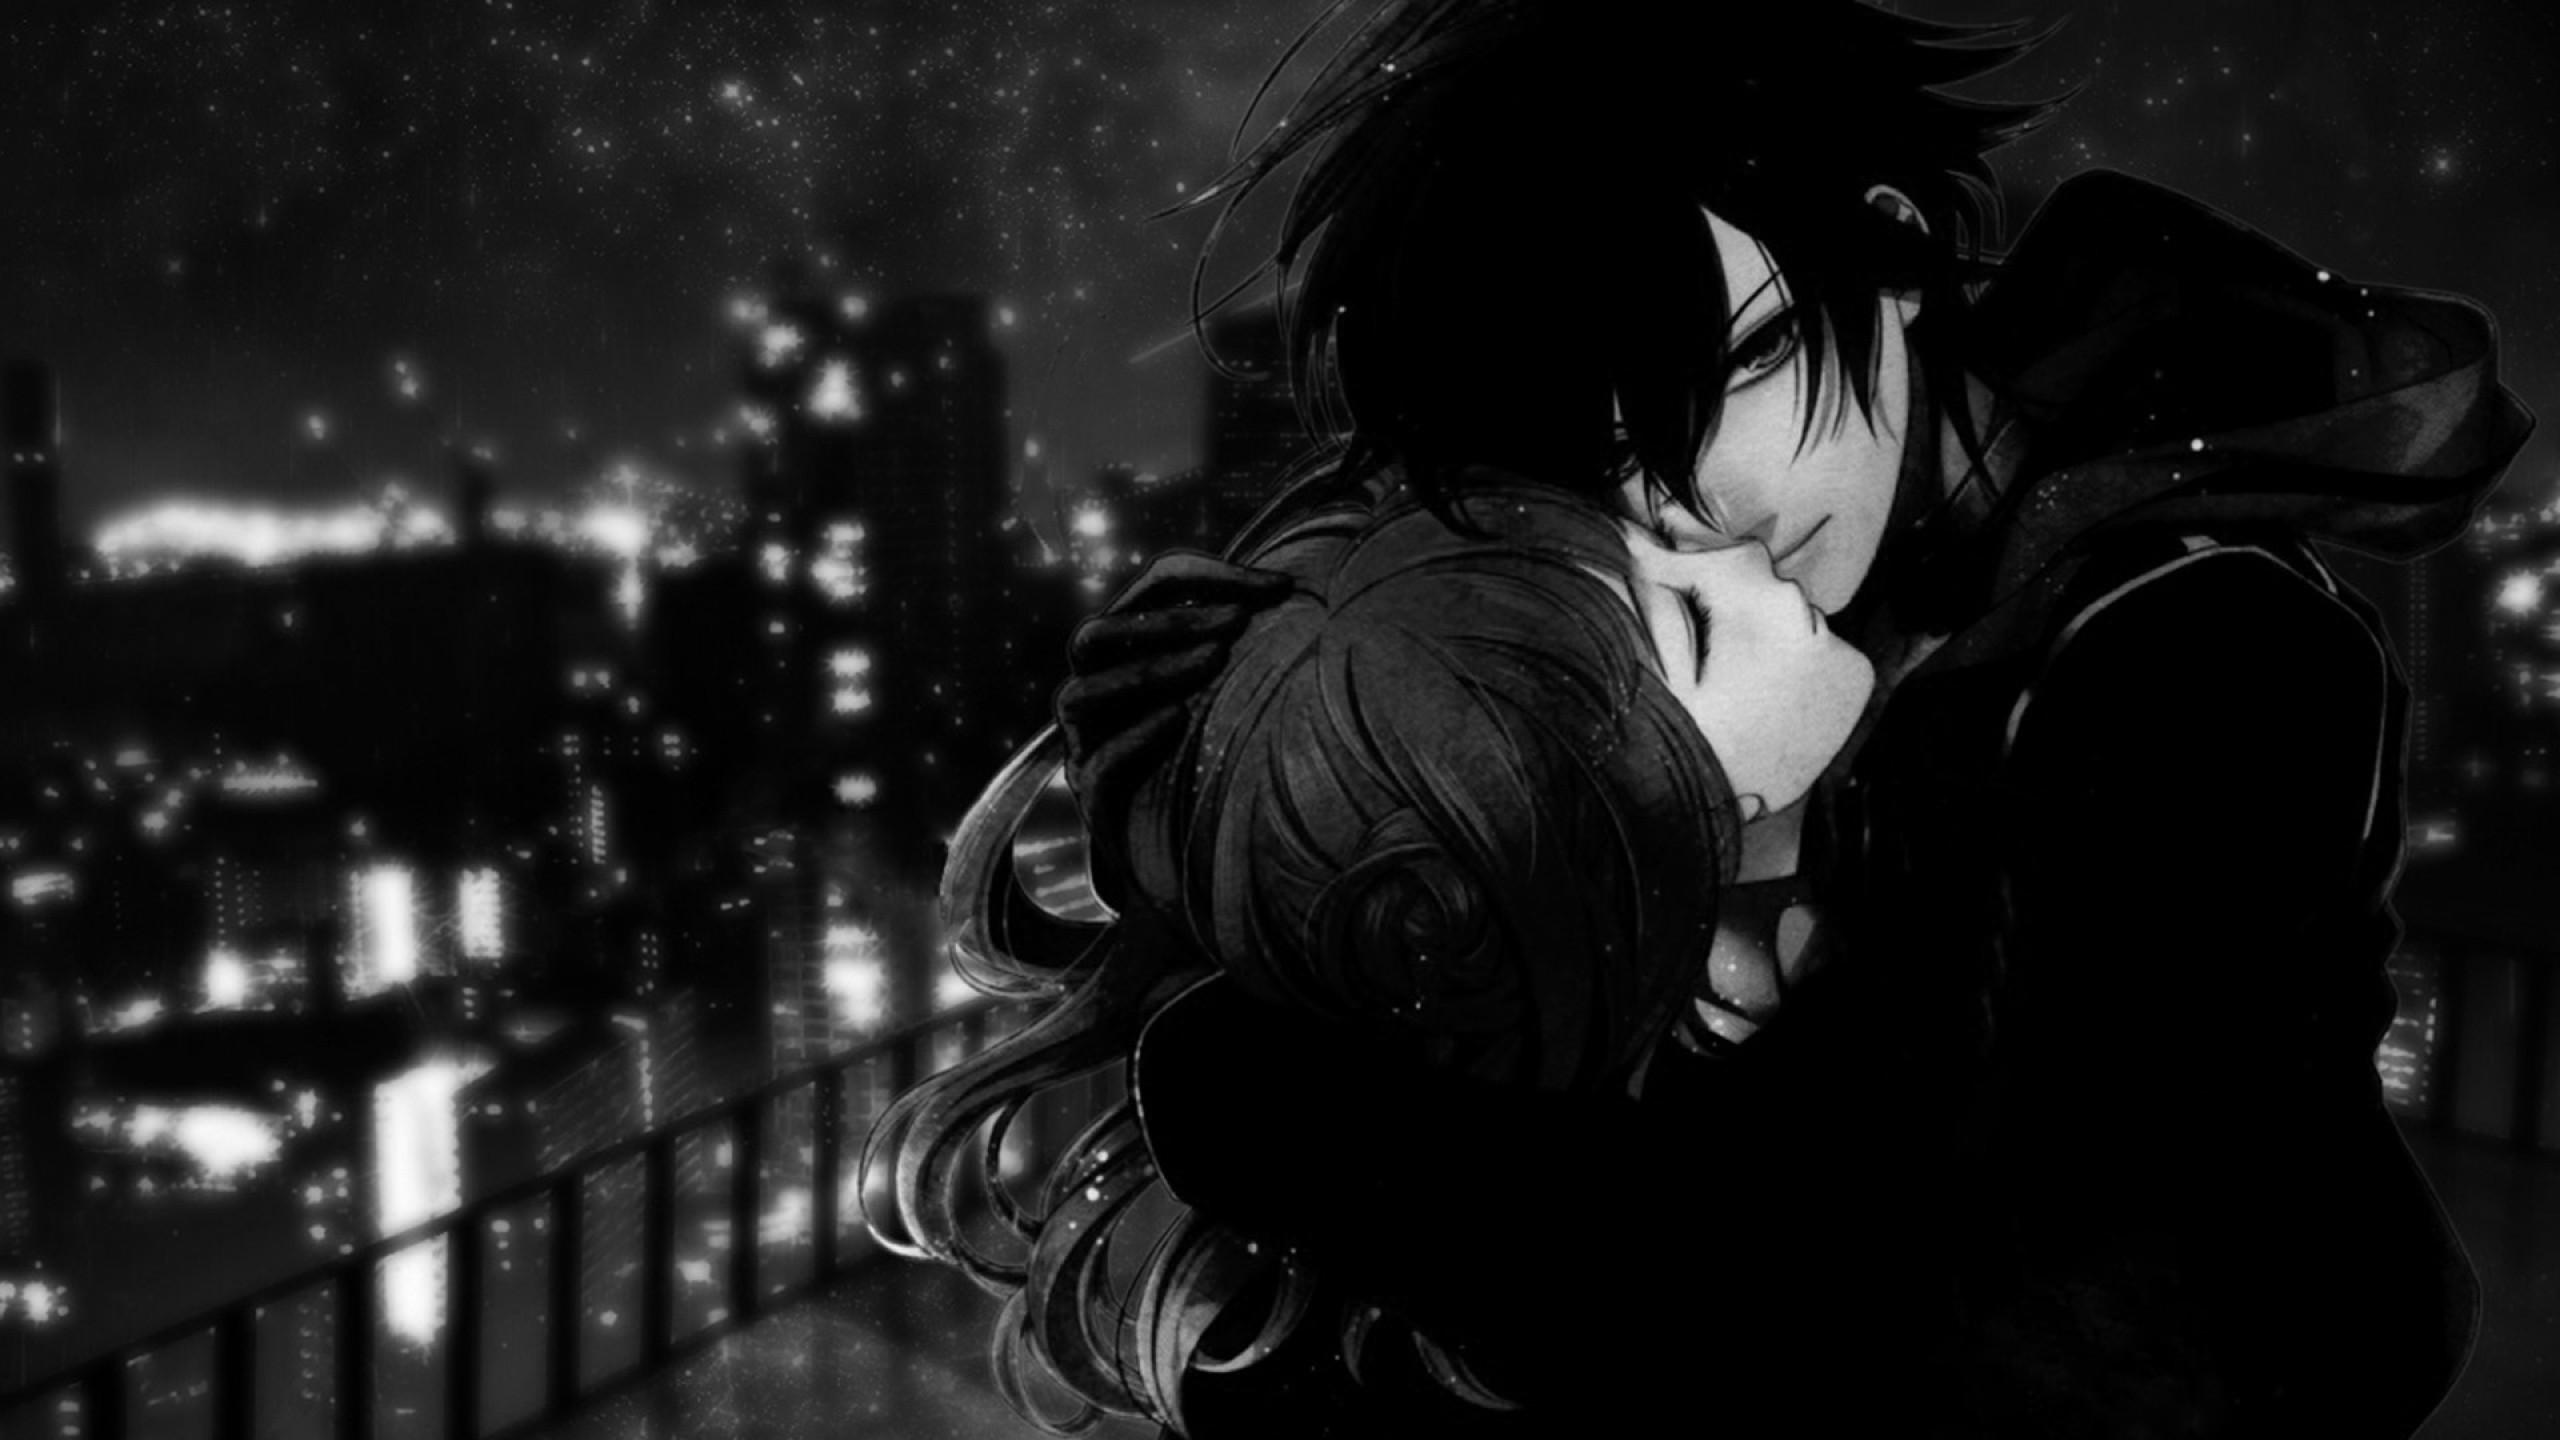 Black White Anime Love Picture #7454 Wallpaper